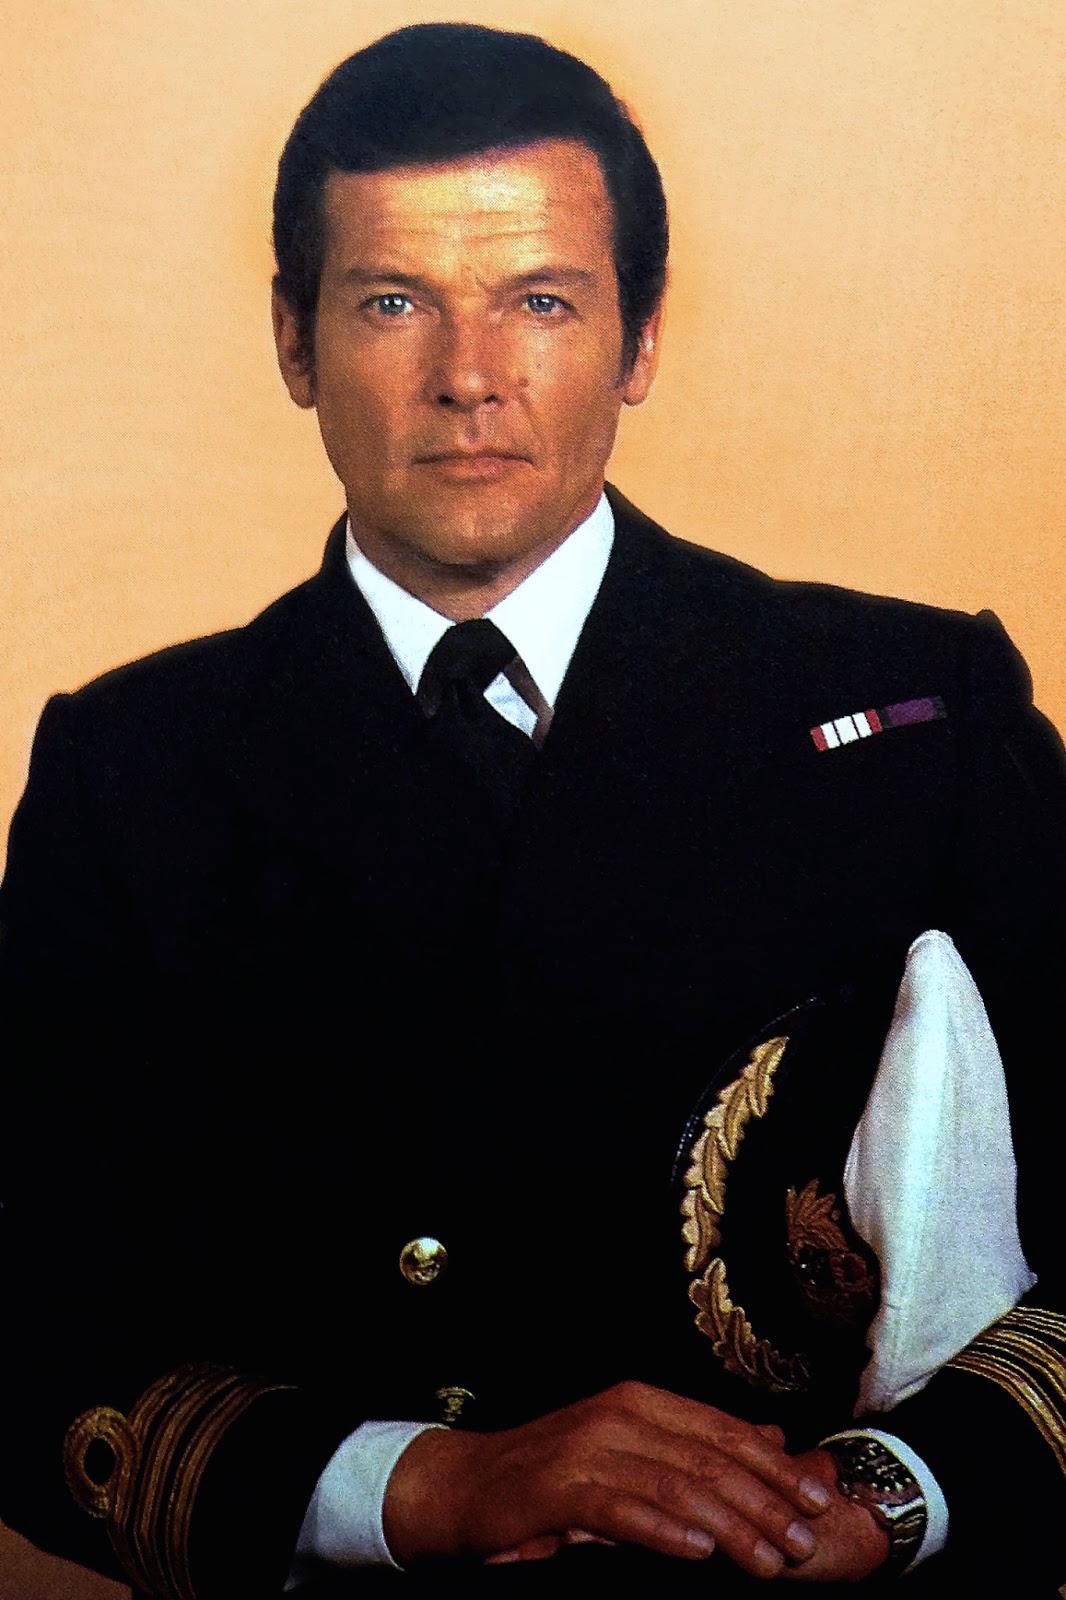 commander bond s dress uniform in the spy who loved me. Black Bedroom Furniture Sets. Home Design Ideas